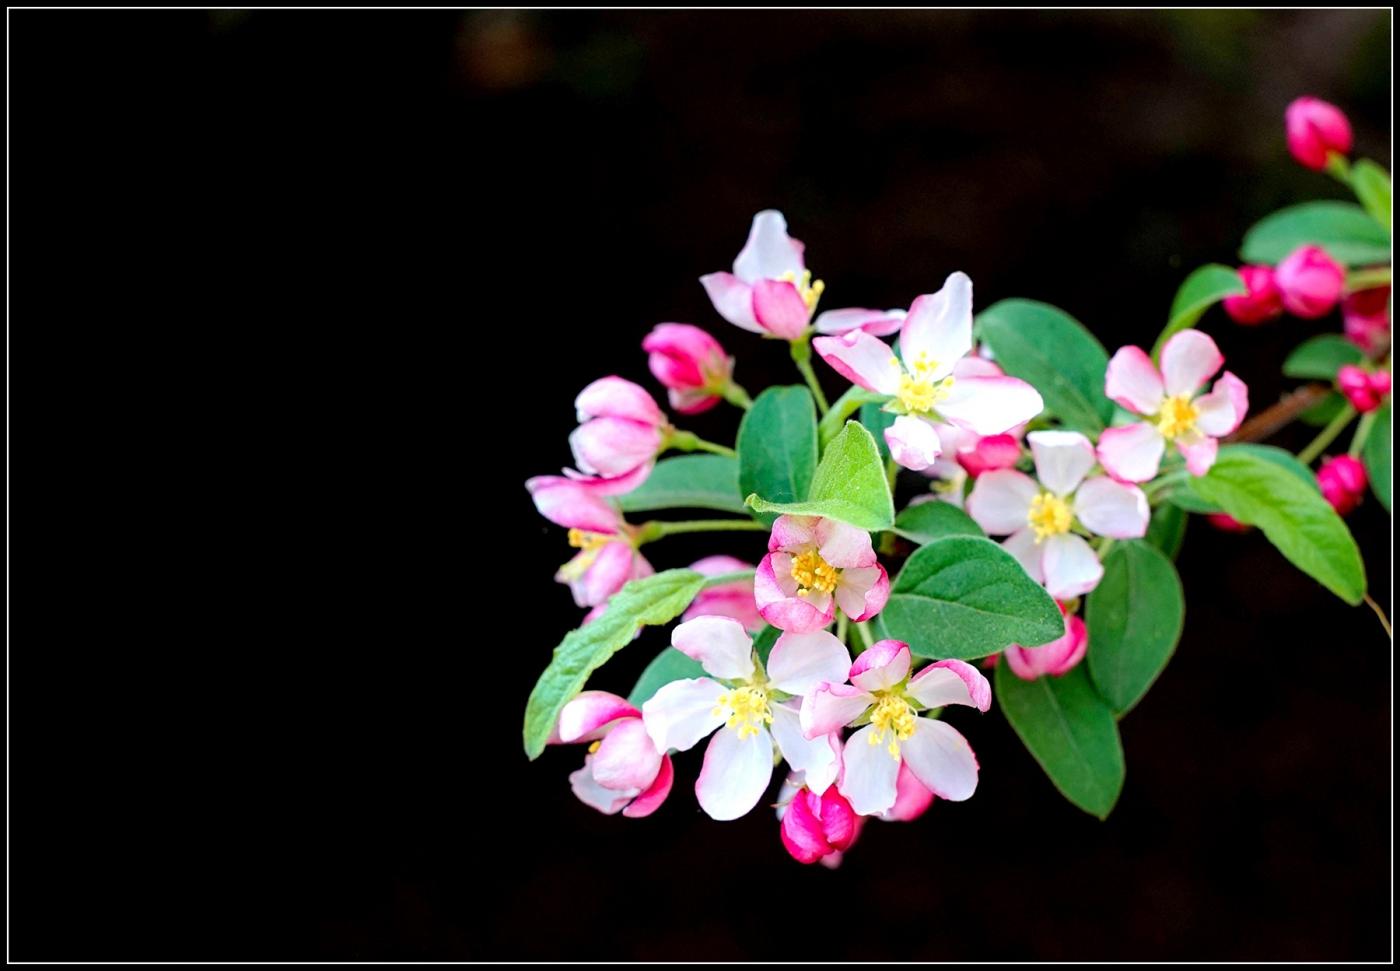 春天的色彩_图1-4